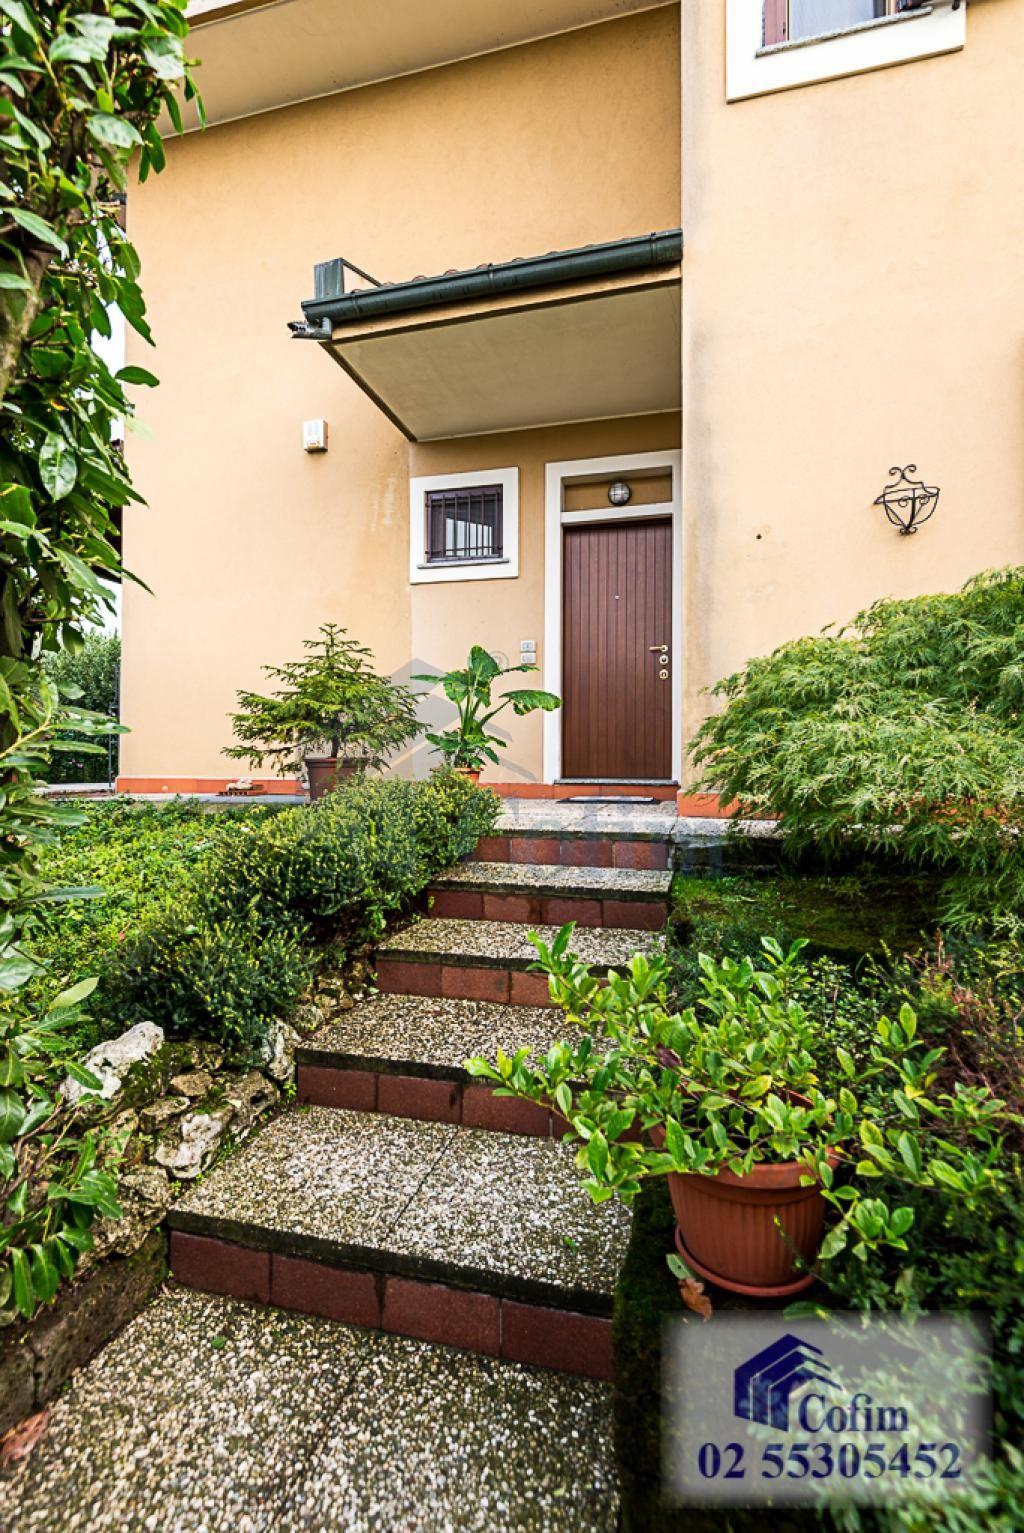 Villa a schiera con giardino su tre lati a  Zelo Foramagno (Peschiera Borromeo) - in Vendita - 3